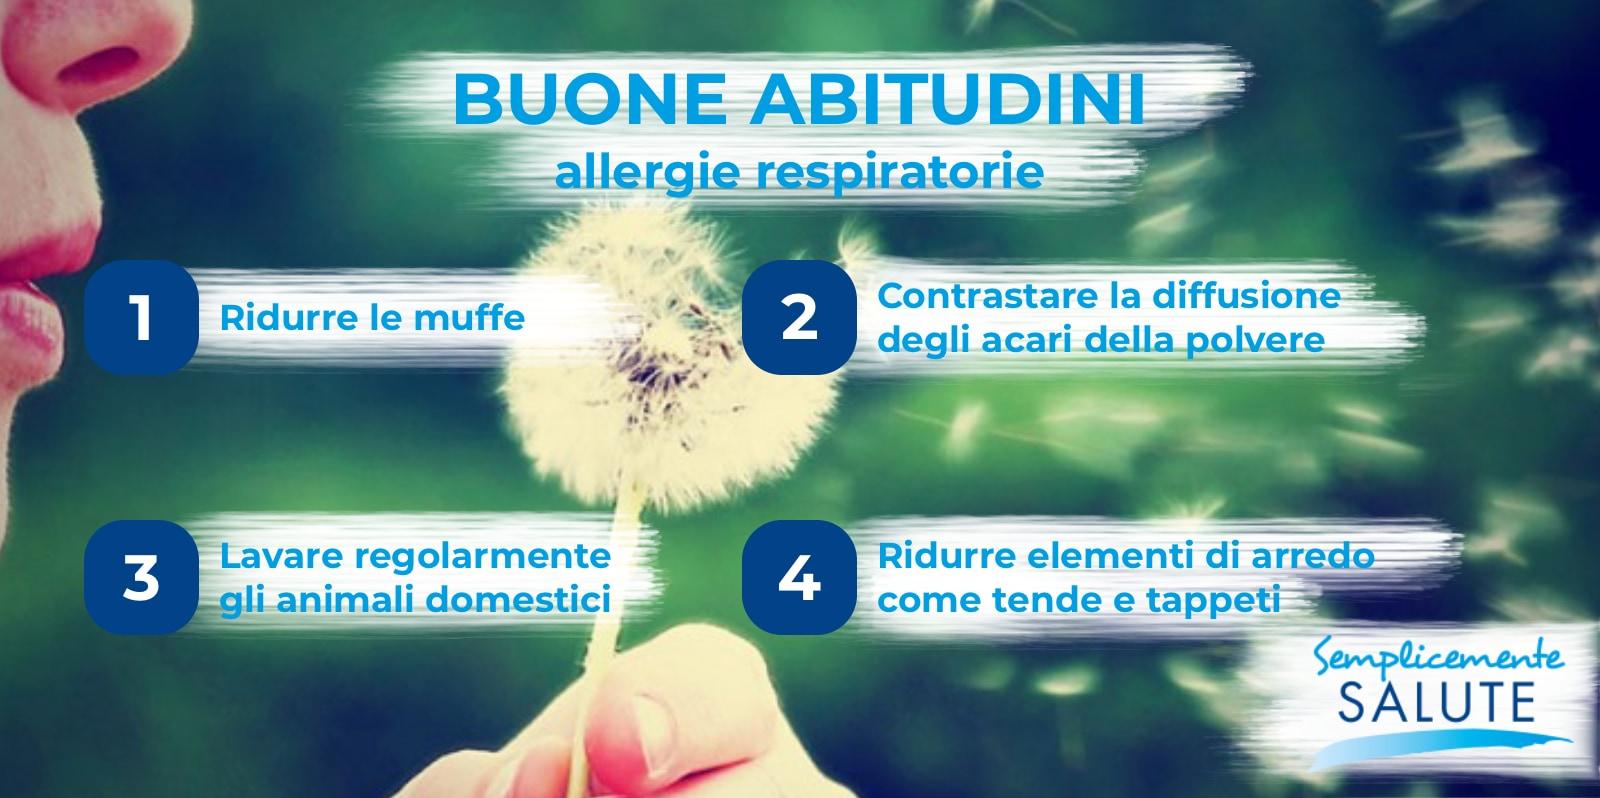 Allergia Rimedi Della Nonna allergie respiratorie - semplicemente salute